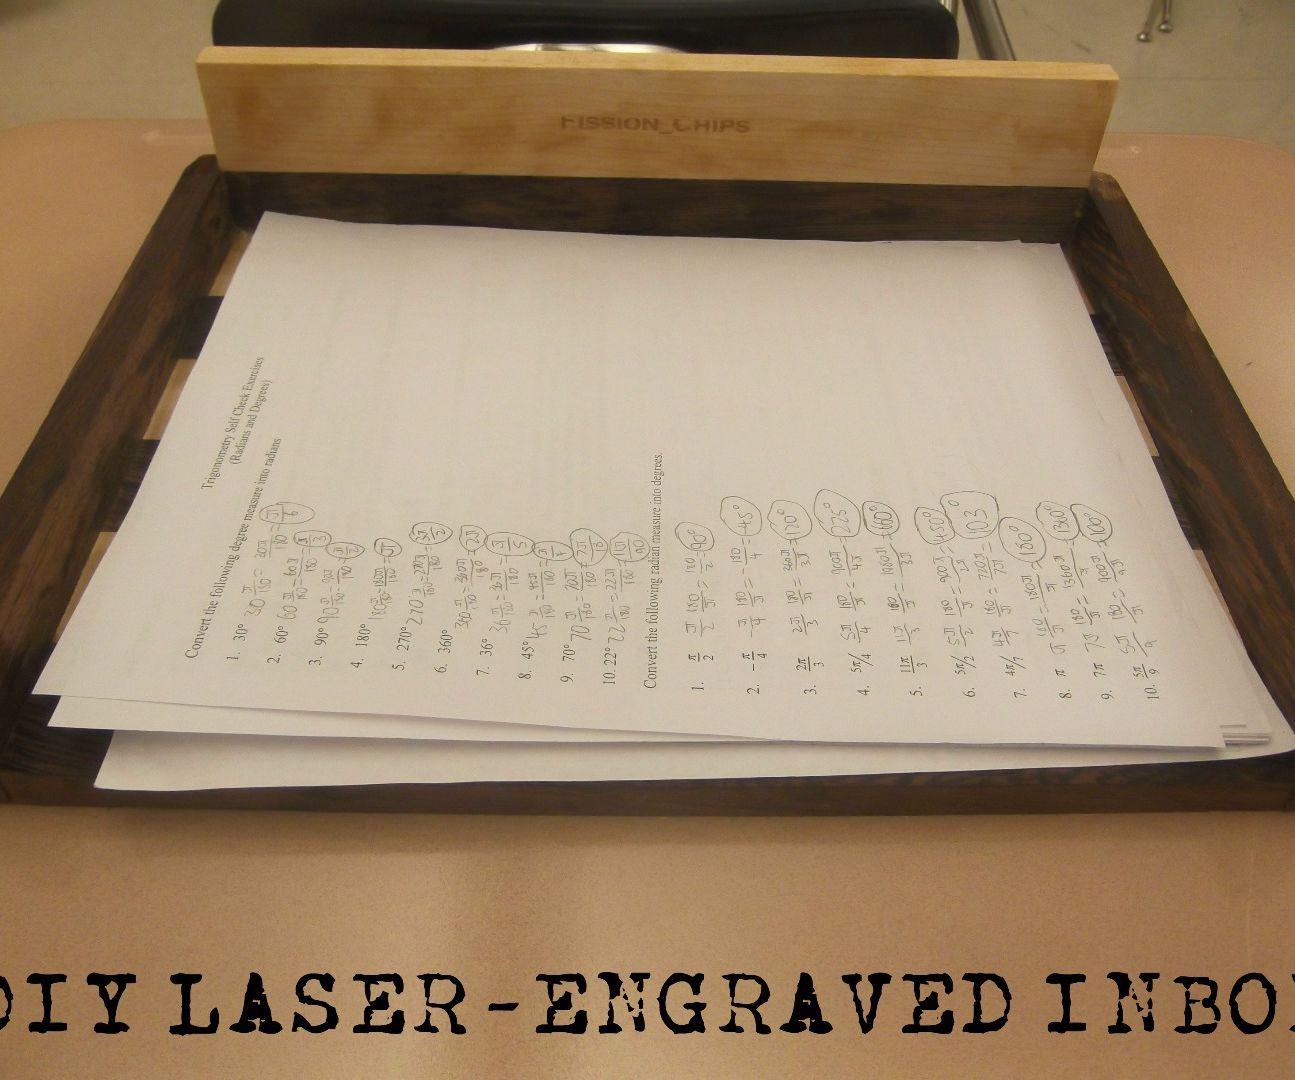 DIY Laser Engraved Inbox